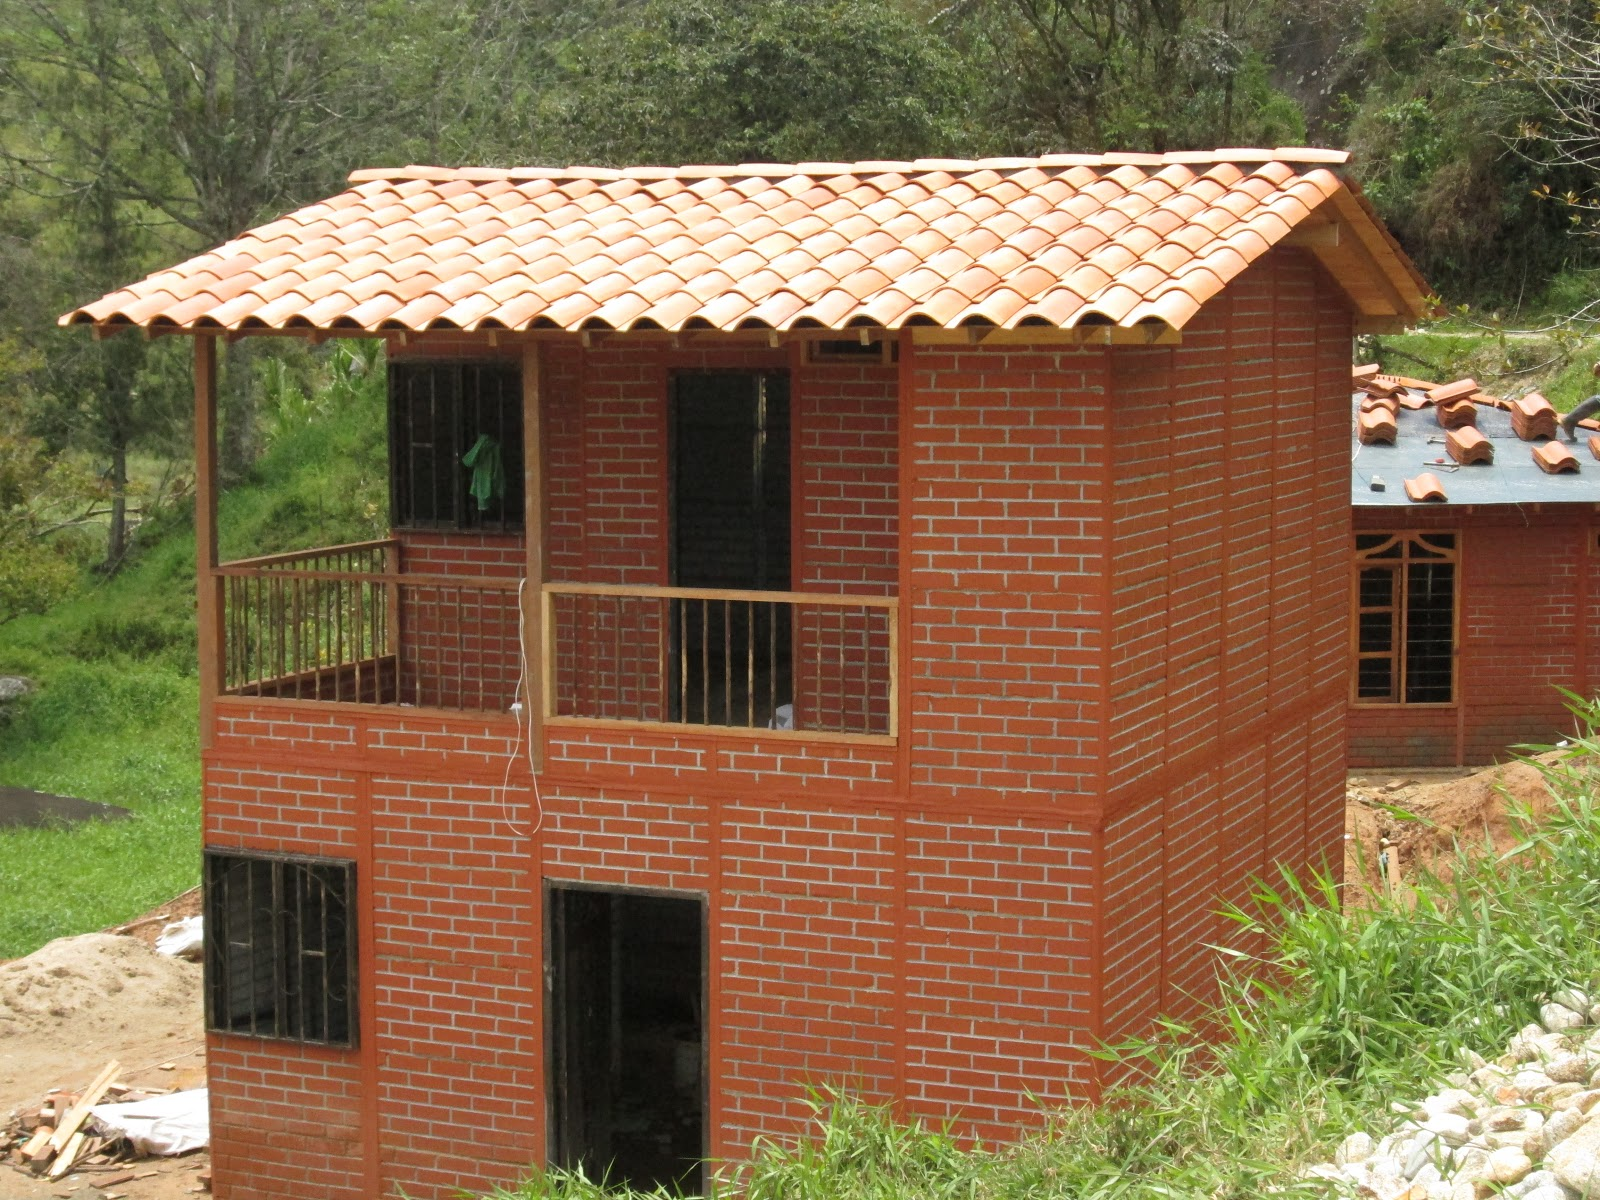 Casas prefabricadas casa real casas de dos niveles - Casas modulares prefabricadas ...